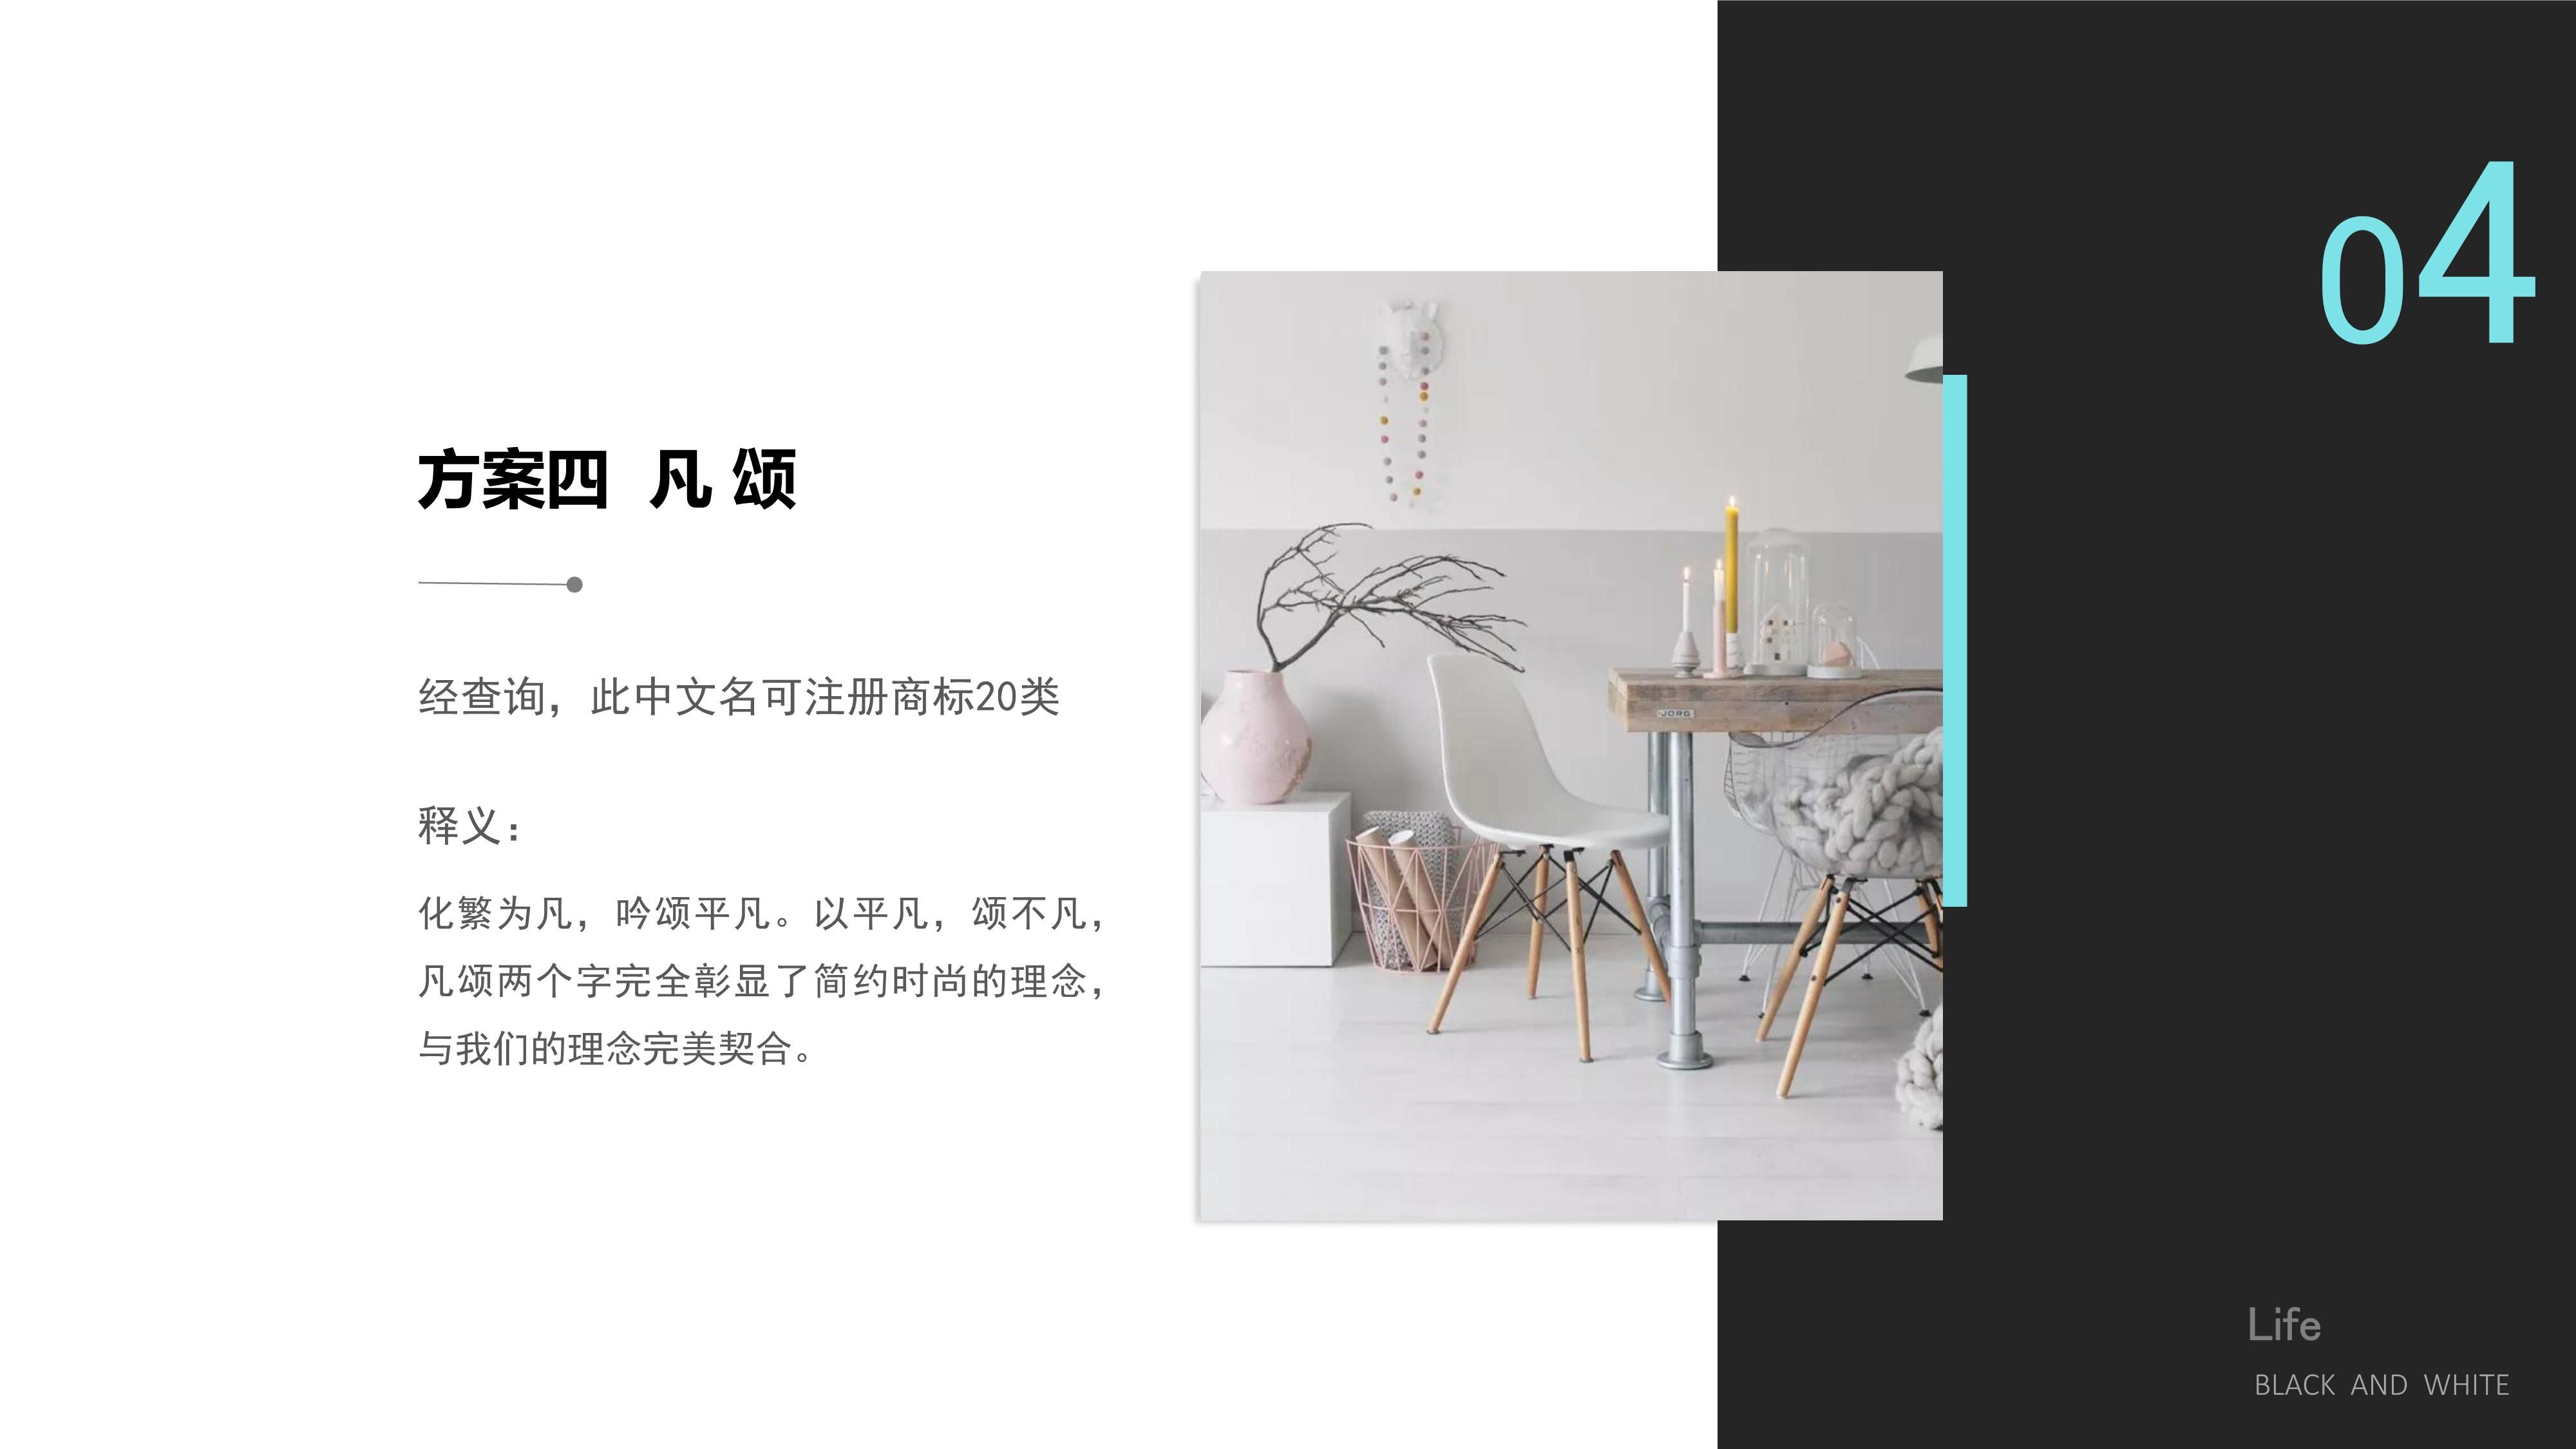 企业品牌公司起名产品品牌起名取名字店铺取名起名策划商标命名